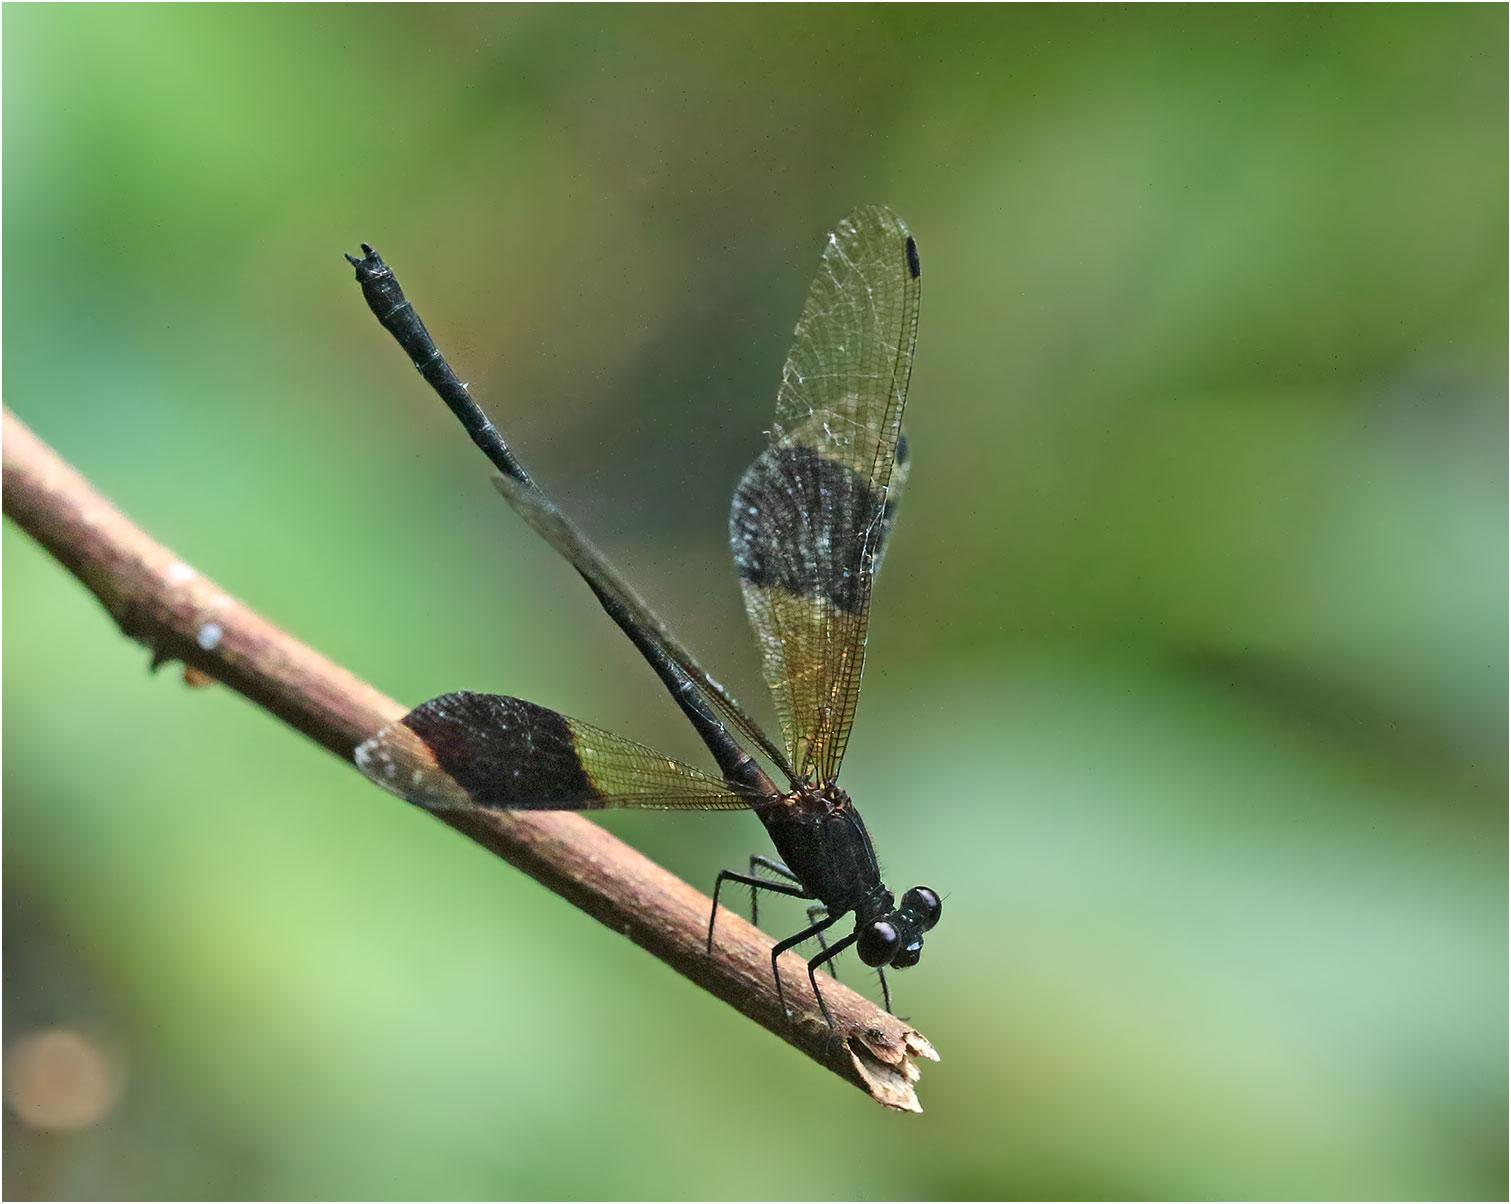 Euphaea decorata mâle, Vietnam, Xuan Son, 08/06/2018